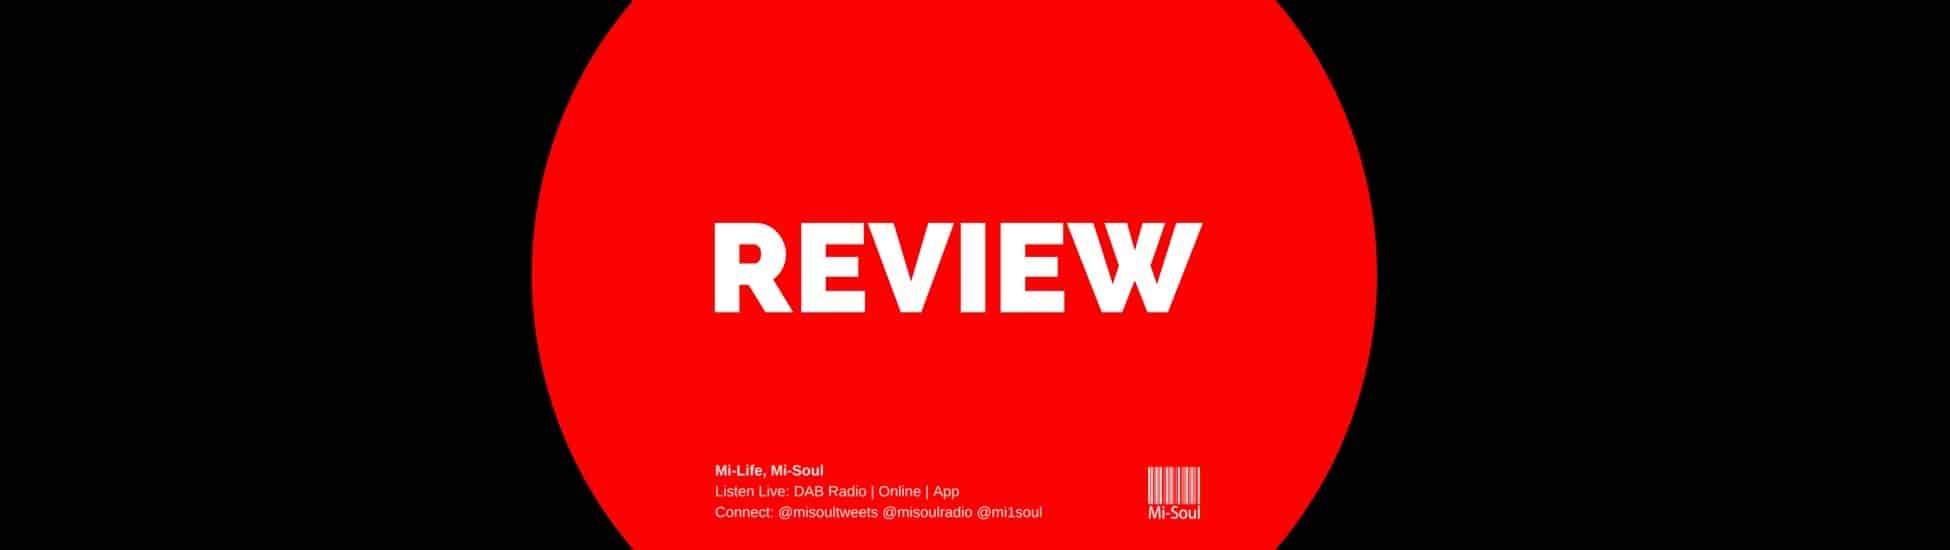 Mi-Soul Review